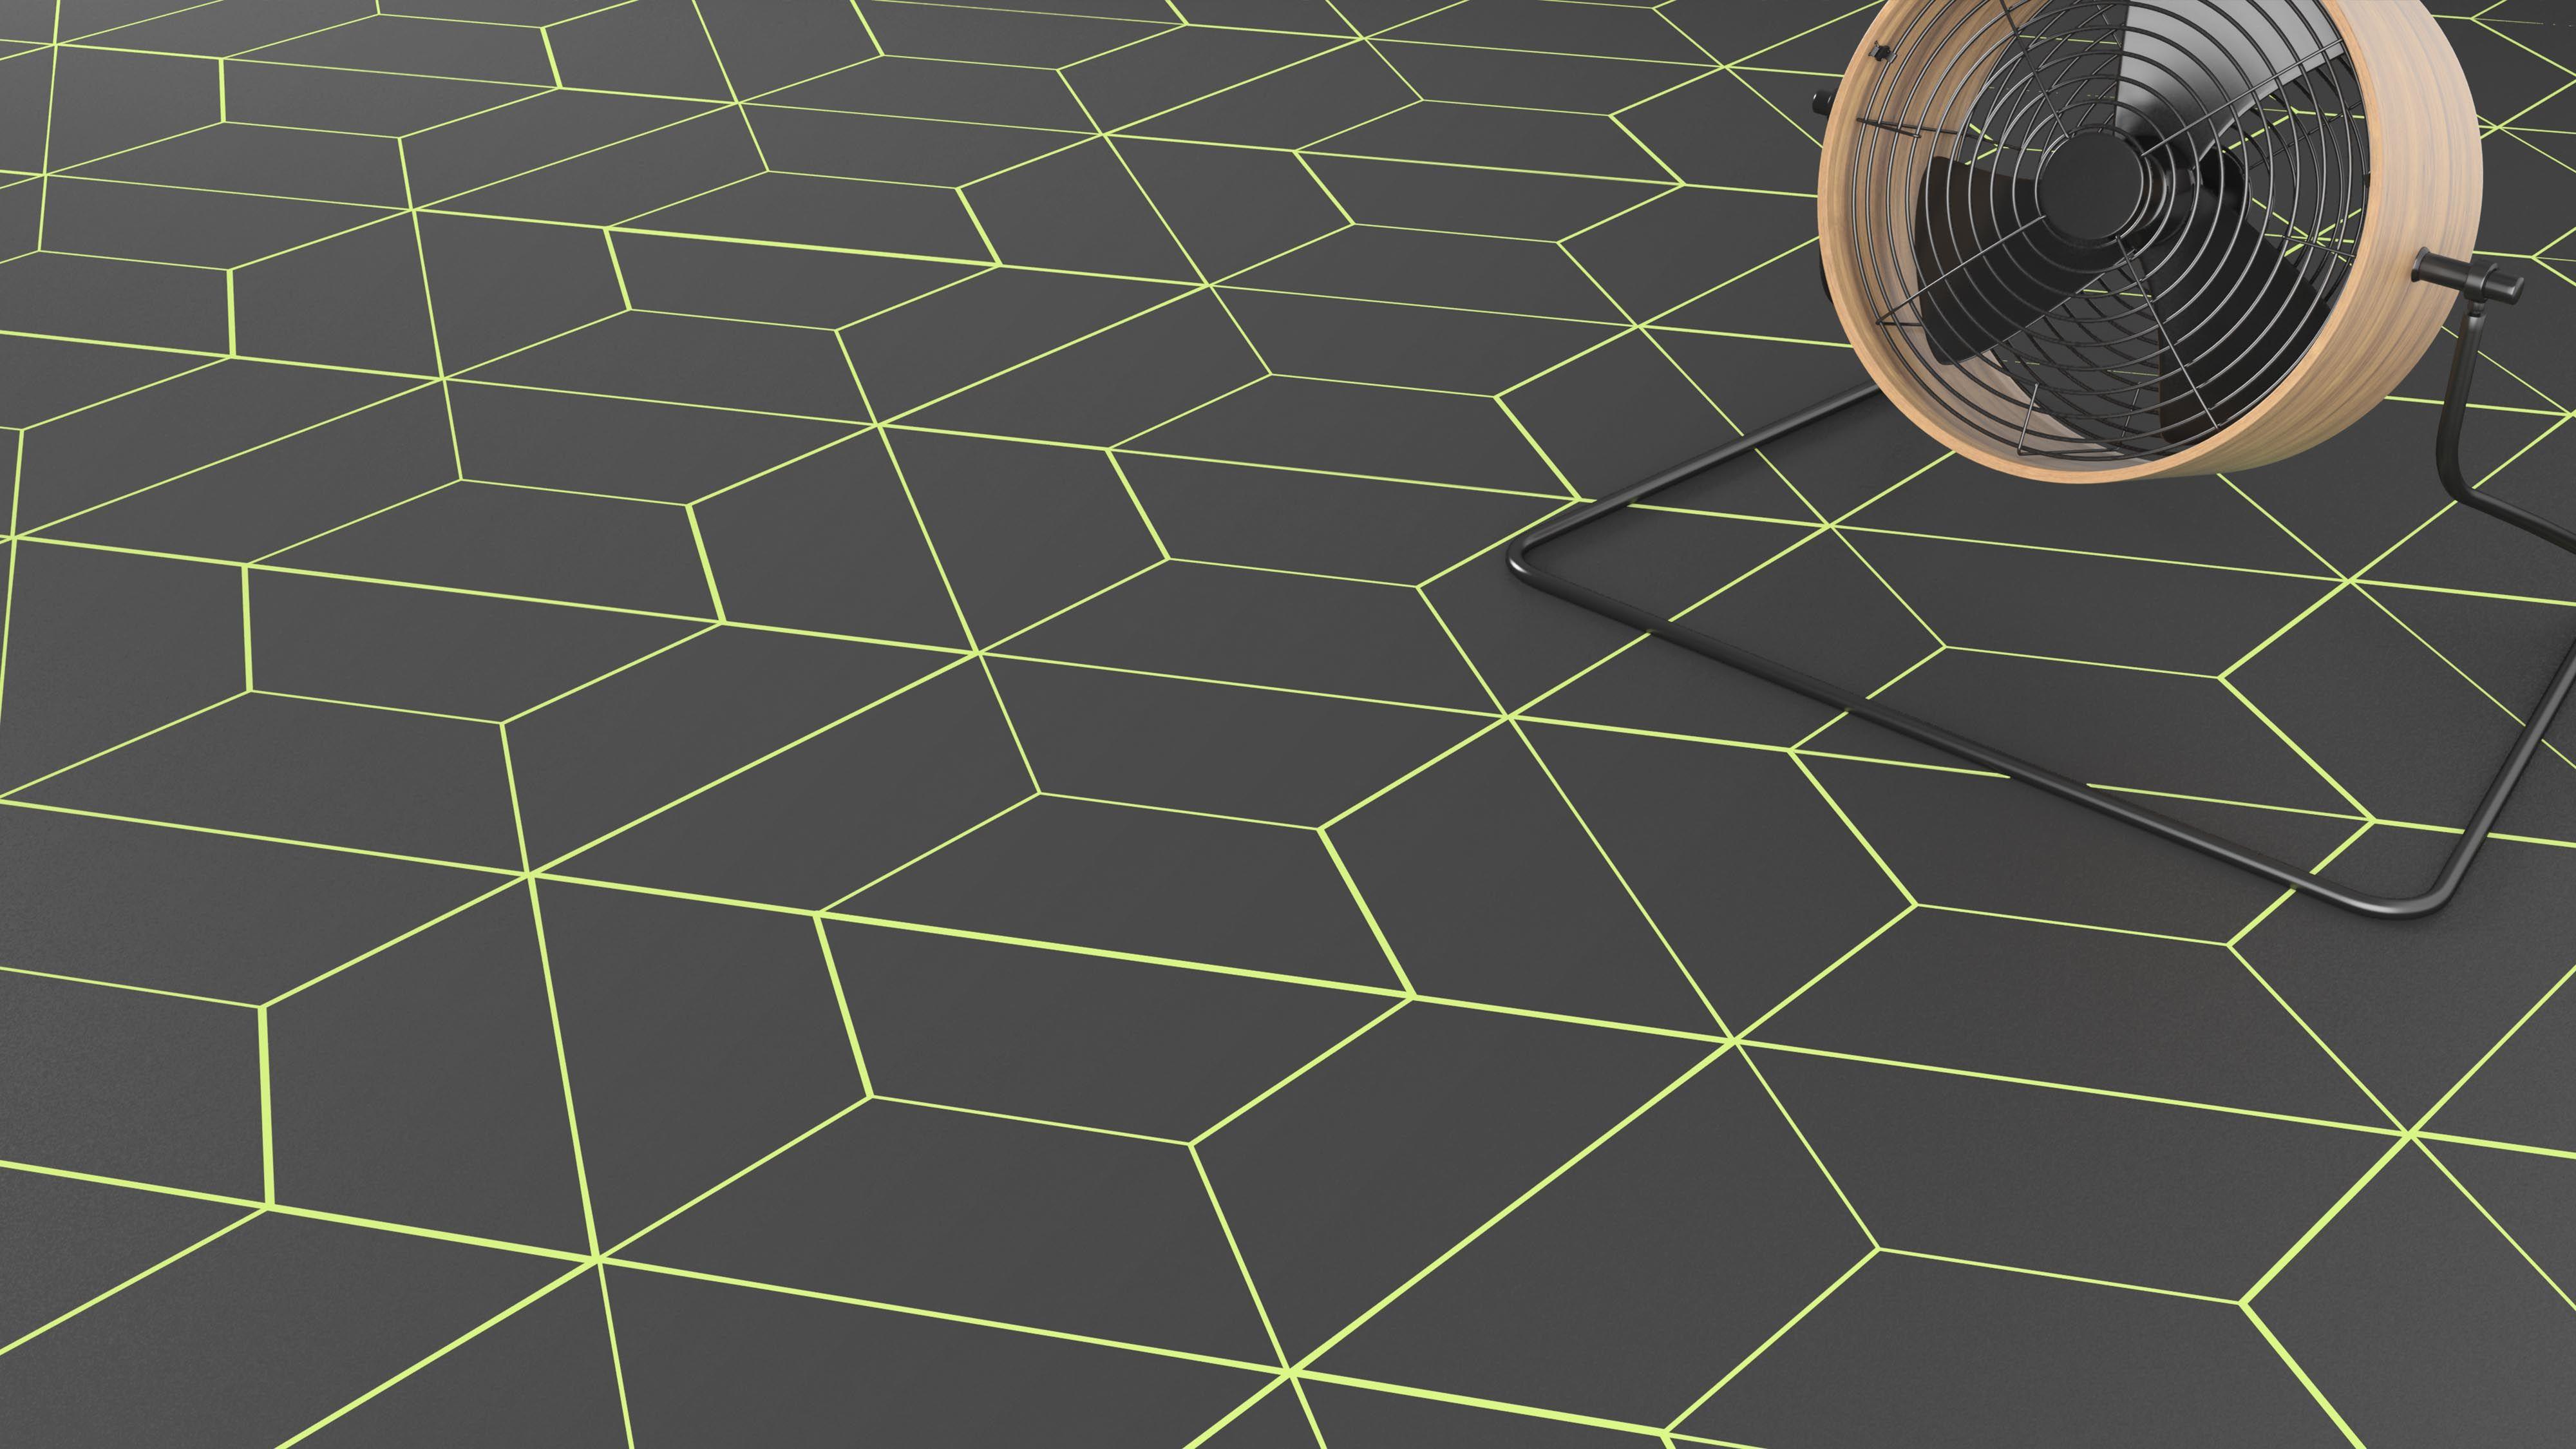 TRAPEZIUM FLOOR   FLOOR TILES by WOW   Tile floor, Flooring ...